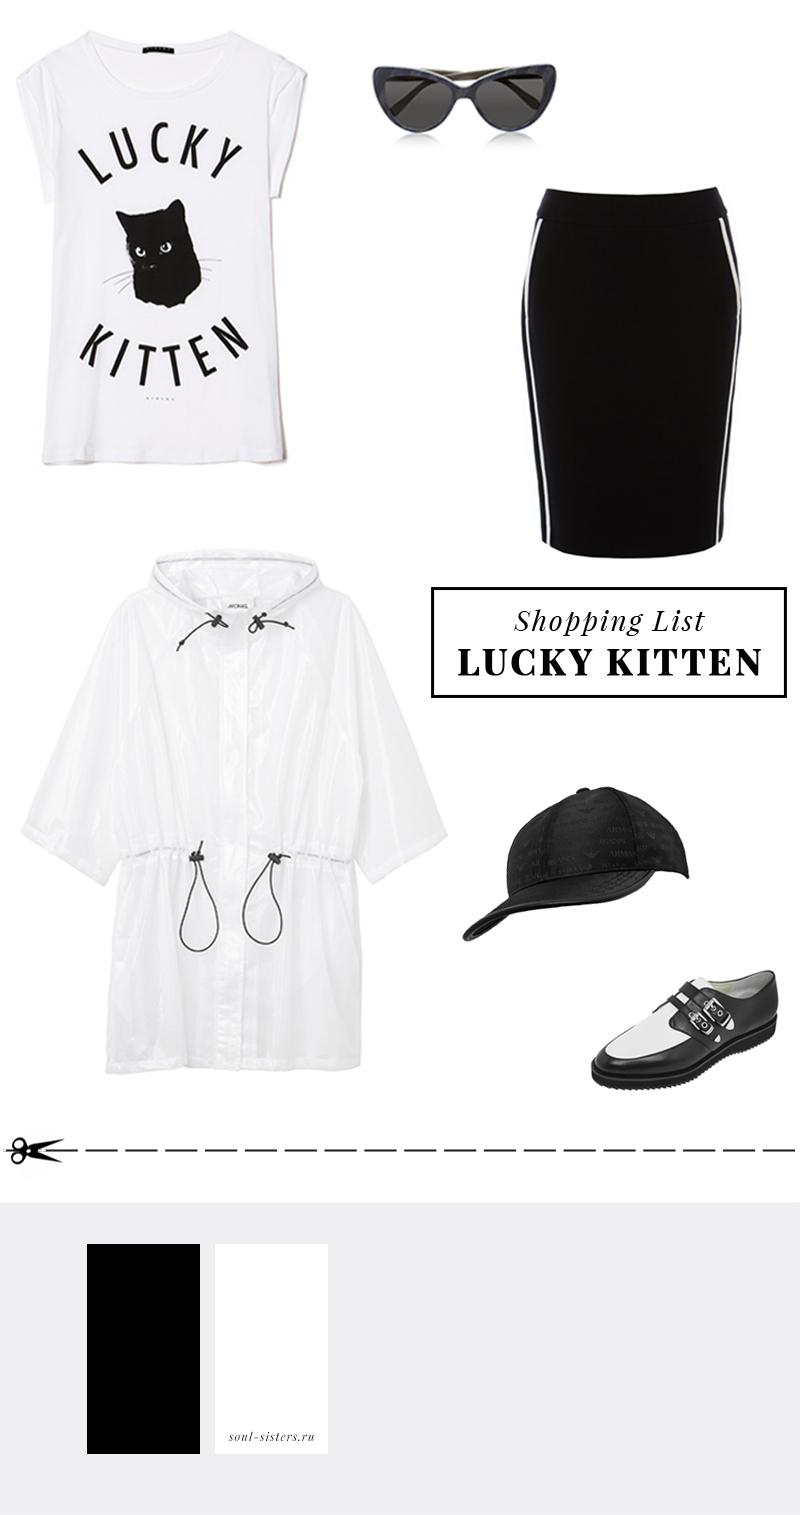 Soul Sisters_Lucky kitten